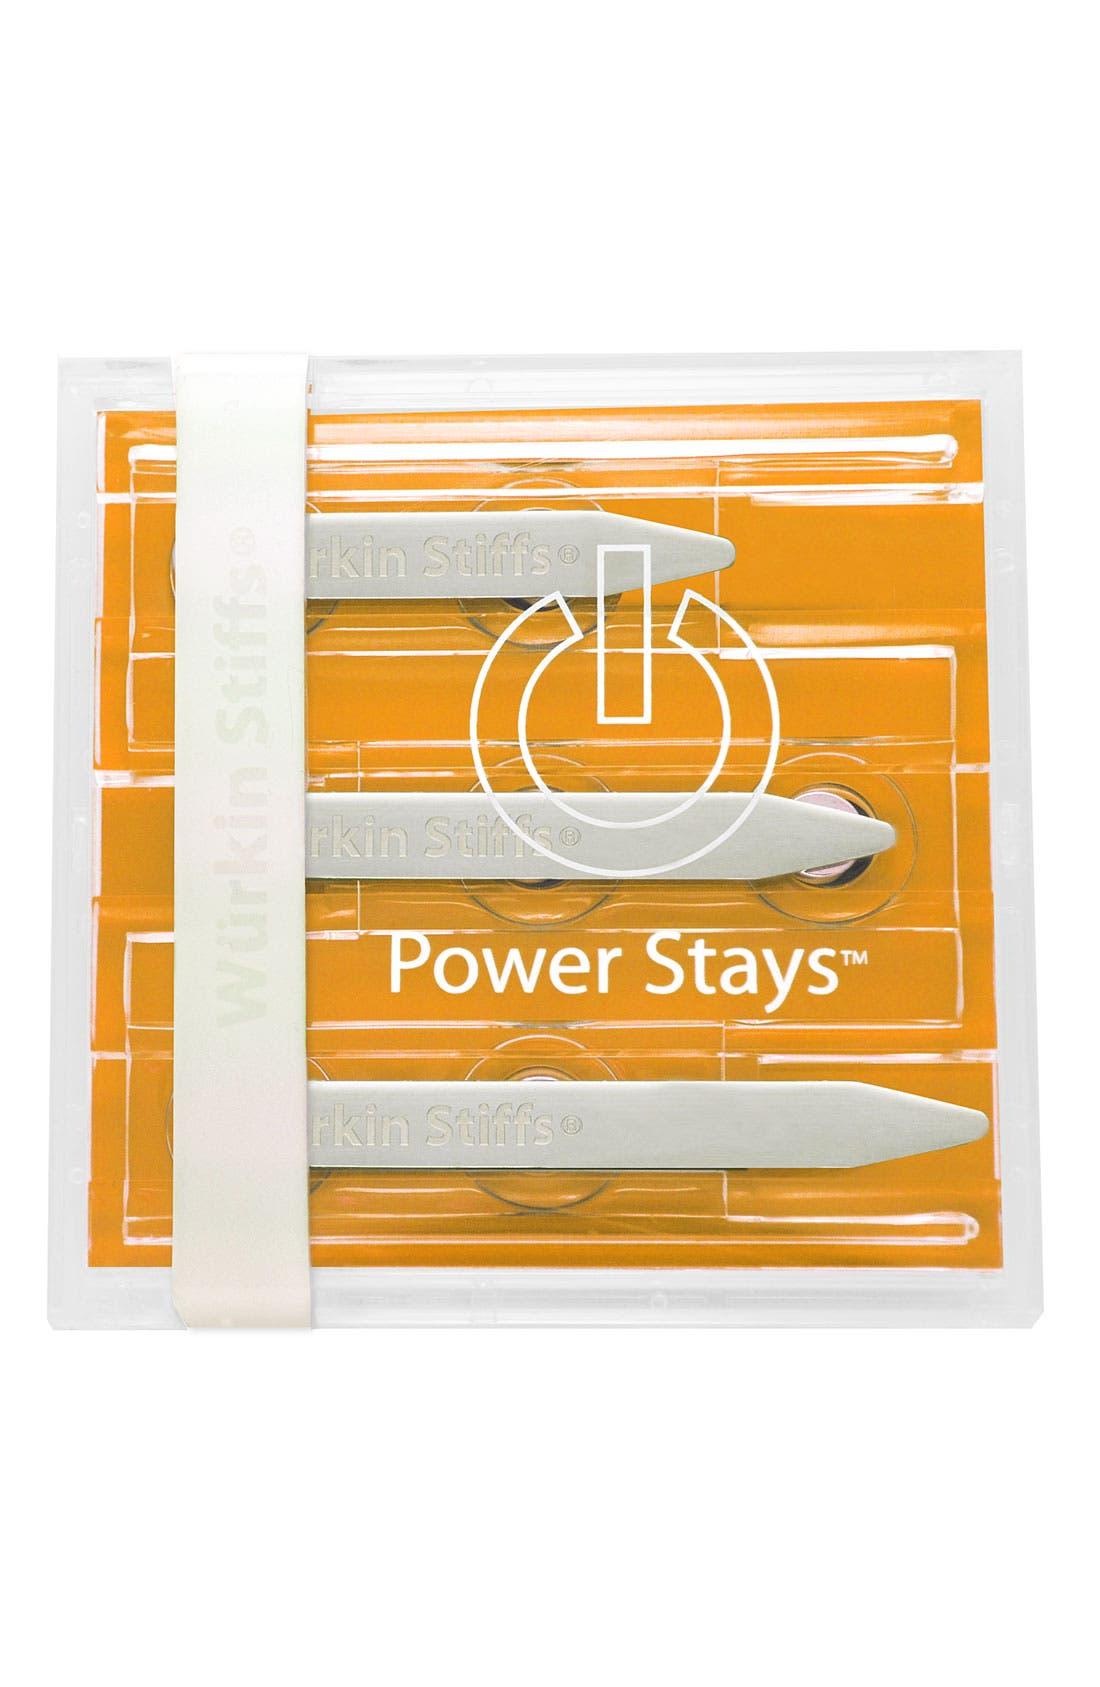 Würkin Stiffs 'Power' Stays (6-Piece Set)